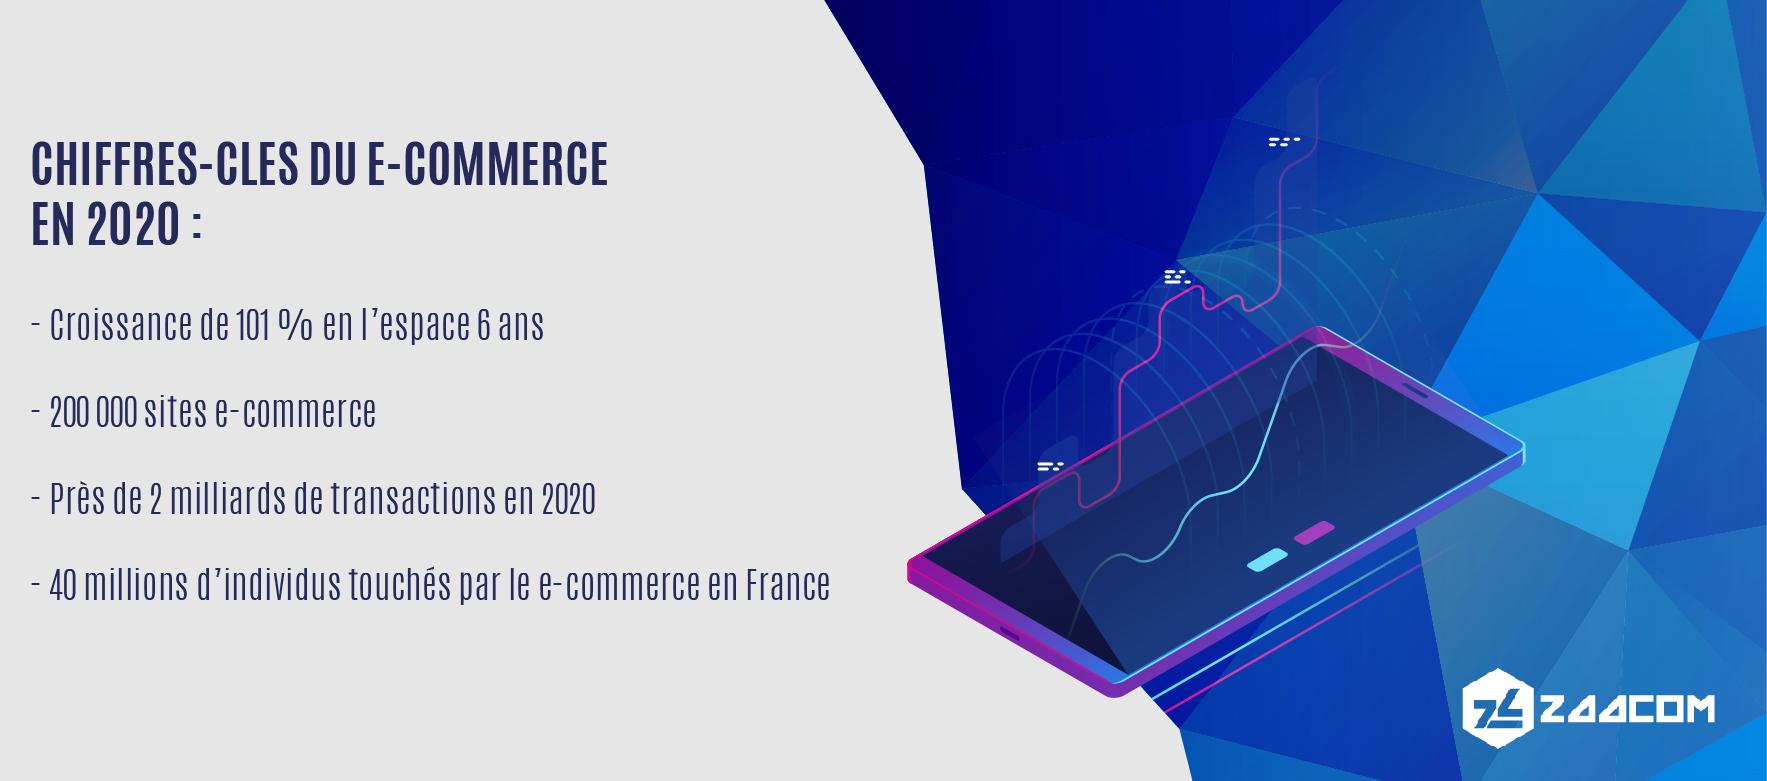 chiffres clés e-commerce 2020